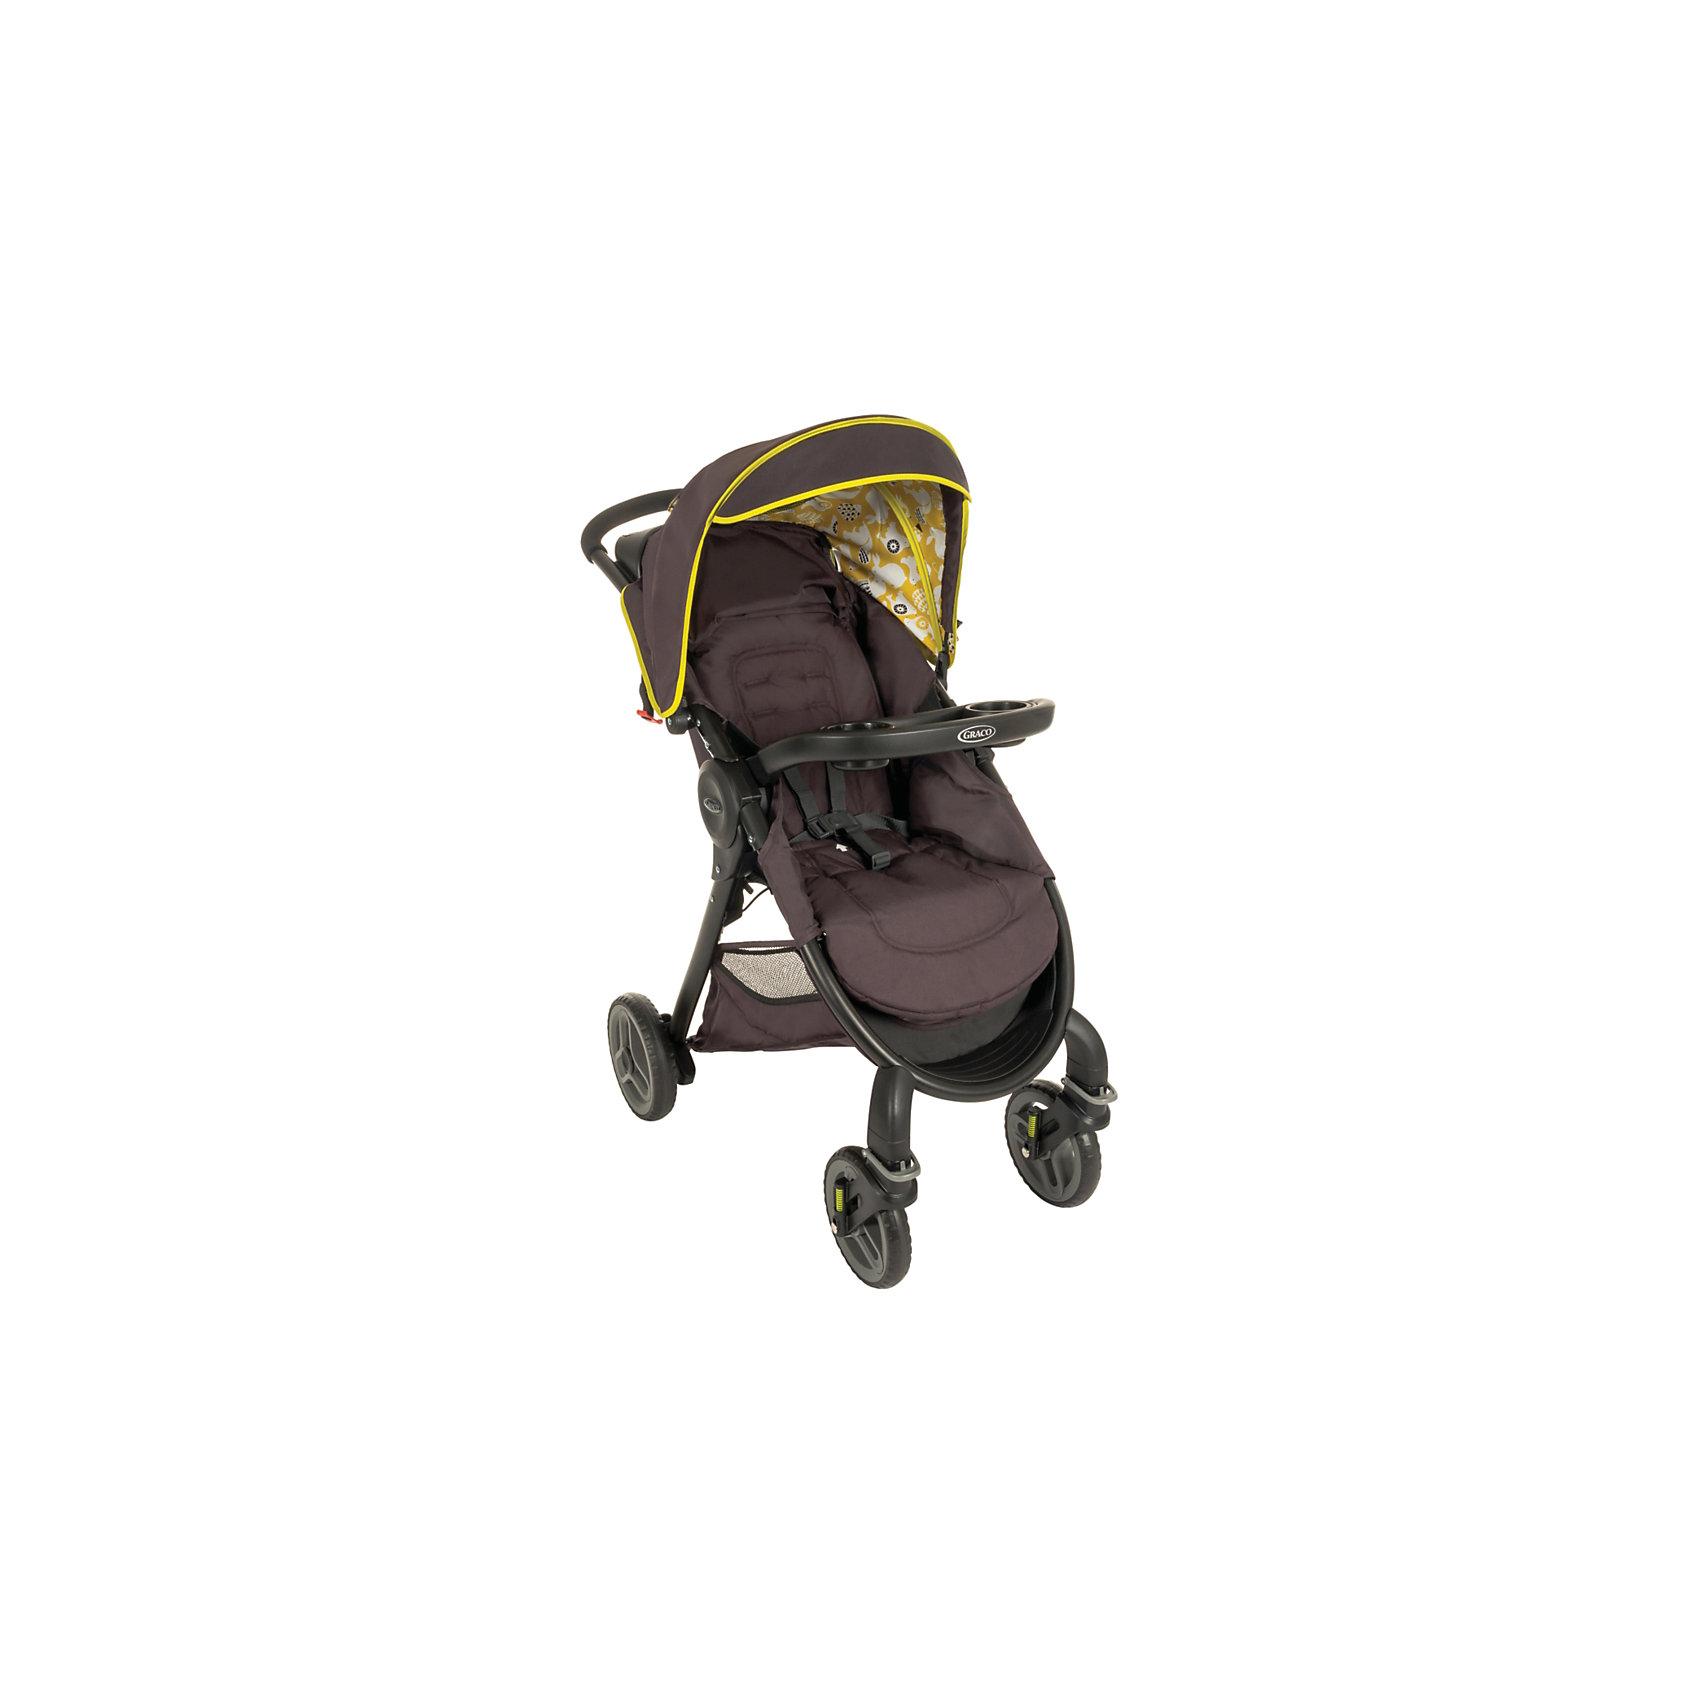 Прогулочная коляска Graco Fastaction Fold, коричневыйПрогулочные коляски<br>Характеристики коляски<br><br>Прогулочный блок:<br><br>• регулируется наклон спинки, 3 положения;<br>• регулируется наклон подножки; <br>• имеются 5-ти точечные ремни безопасности;<br>• капюшон оснащен солнцезащитным козырьком;<br>• в комплекте подстаканник;<br>• материал: алюминий, пластик, полиэстер.<br><br>Рама коляски:<br><br>• передние колеса поворотные;<br>• колеса съемные;<br>• коляска кладывается одной рукой;<br>• тип складывания: книжка.<br><br>Размер коляски: 79х62х106 см<br>Вес: 11,2 кг<br>Диаметр колес: 19 см, 21 см<br><br>Прогулочную коляску Fastaction Fold, Graco, коричневый можно купить в нашем интернет-магазине.<br><br>Ширина мм: 480<br>Глубина мм: 265<br>Высота мм: 770<br>Вес г: 12500<br>Возраст от месяцев: 6<br>Возраст до месяцев: 36<br>Пол: Унисекс<br>Возраст: Детский<br>SKU: 6757385